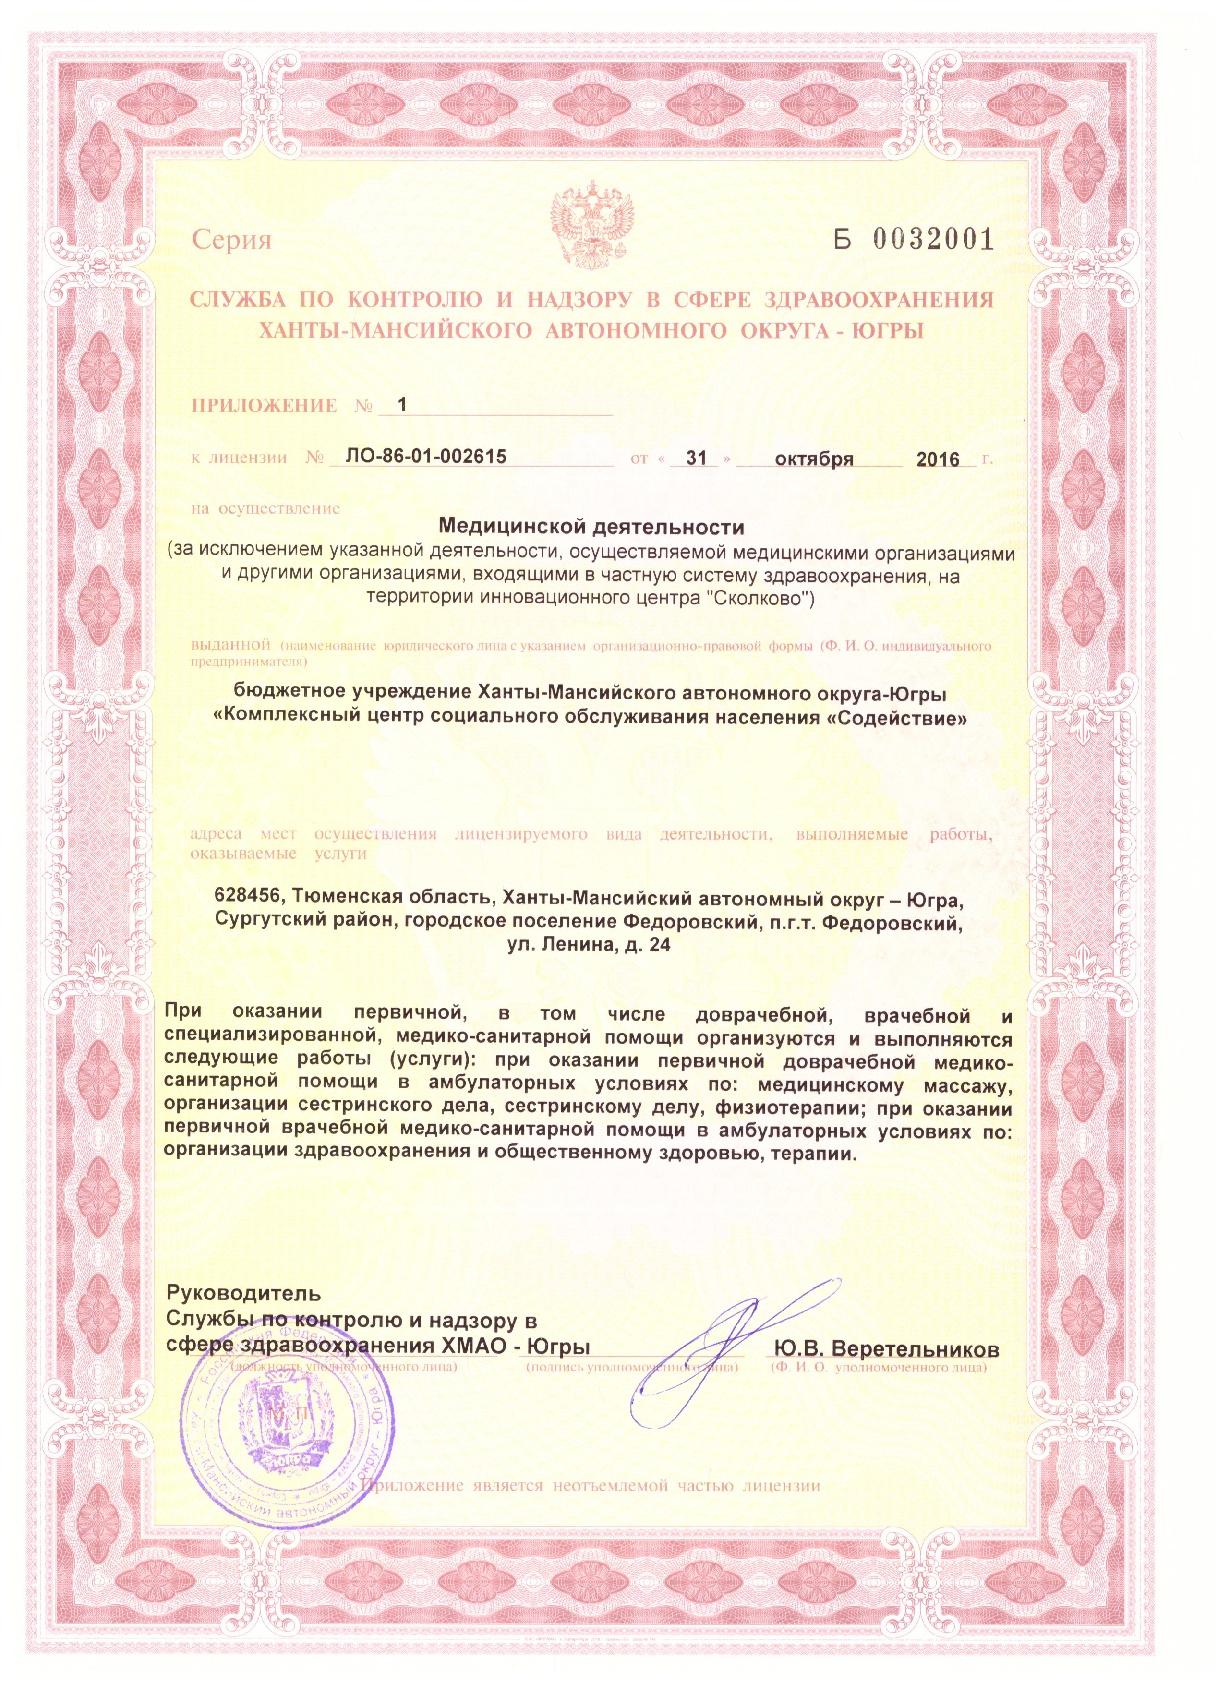 Лицензия на осуществление медицинской деятельности от 31.10.2016 (страница 3)